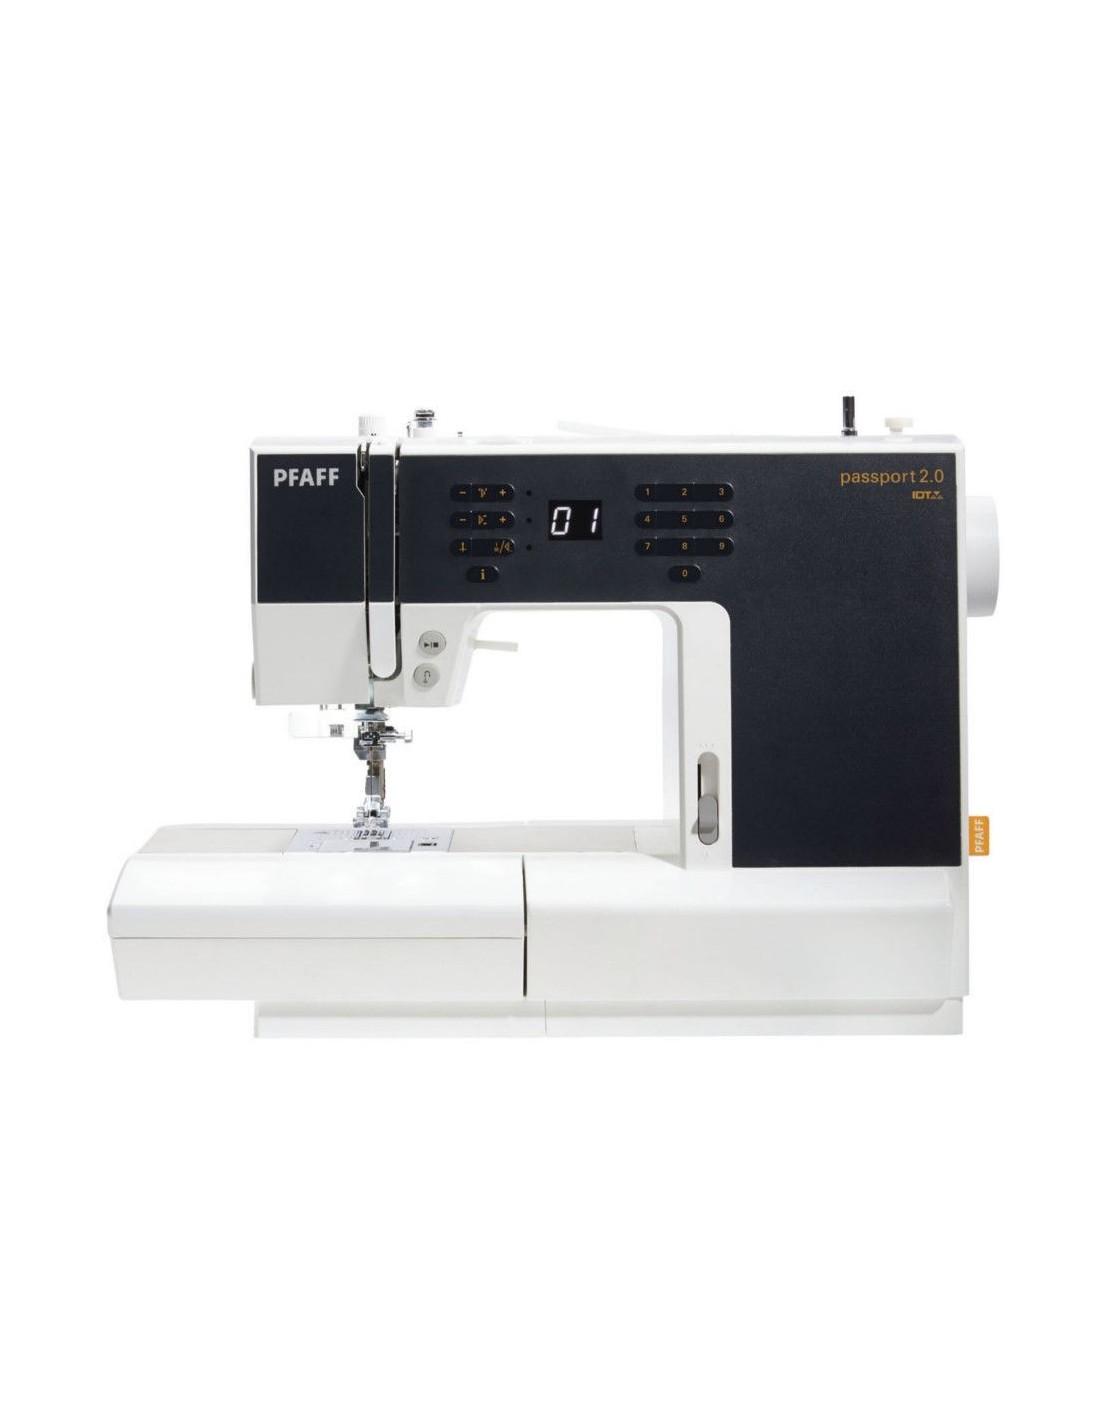 pfaff passport 2 0 sewing machine price